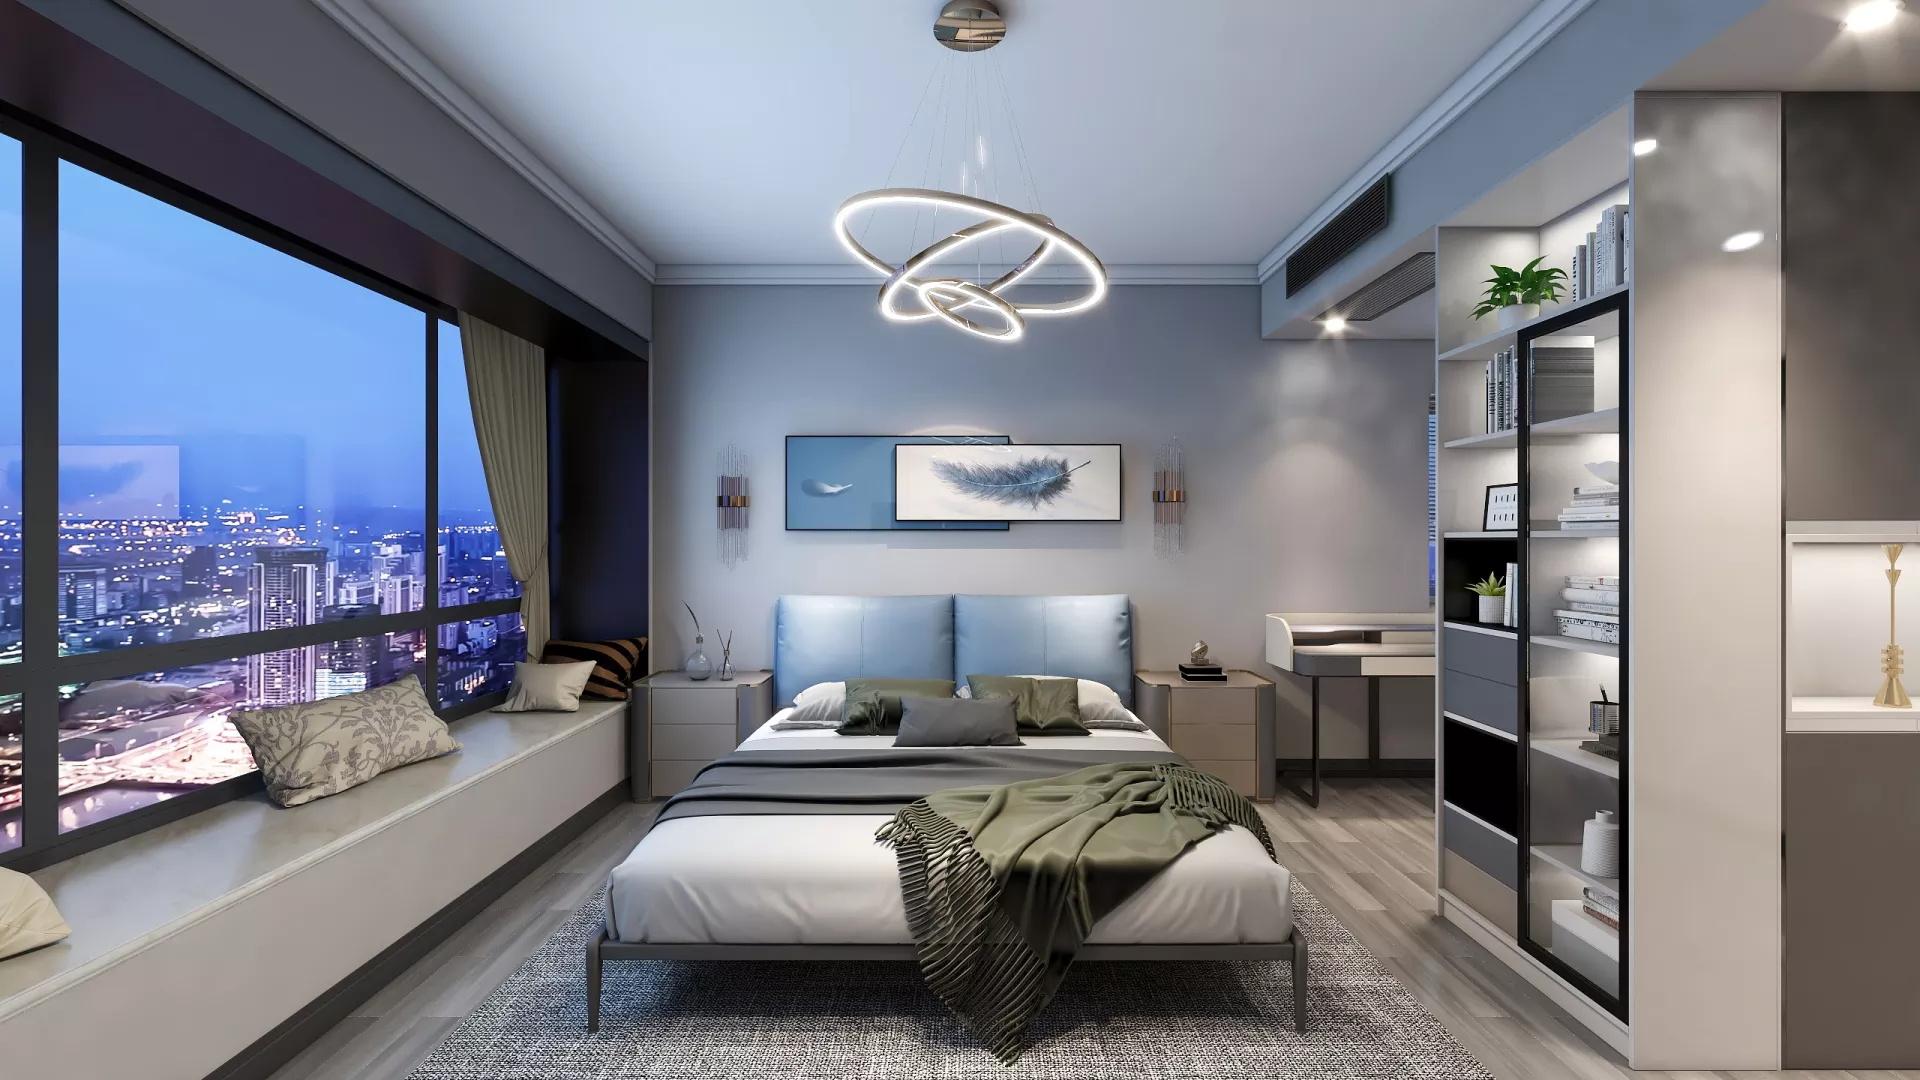 优雅精致轻奢的浪漫客厅装修效果图